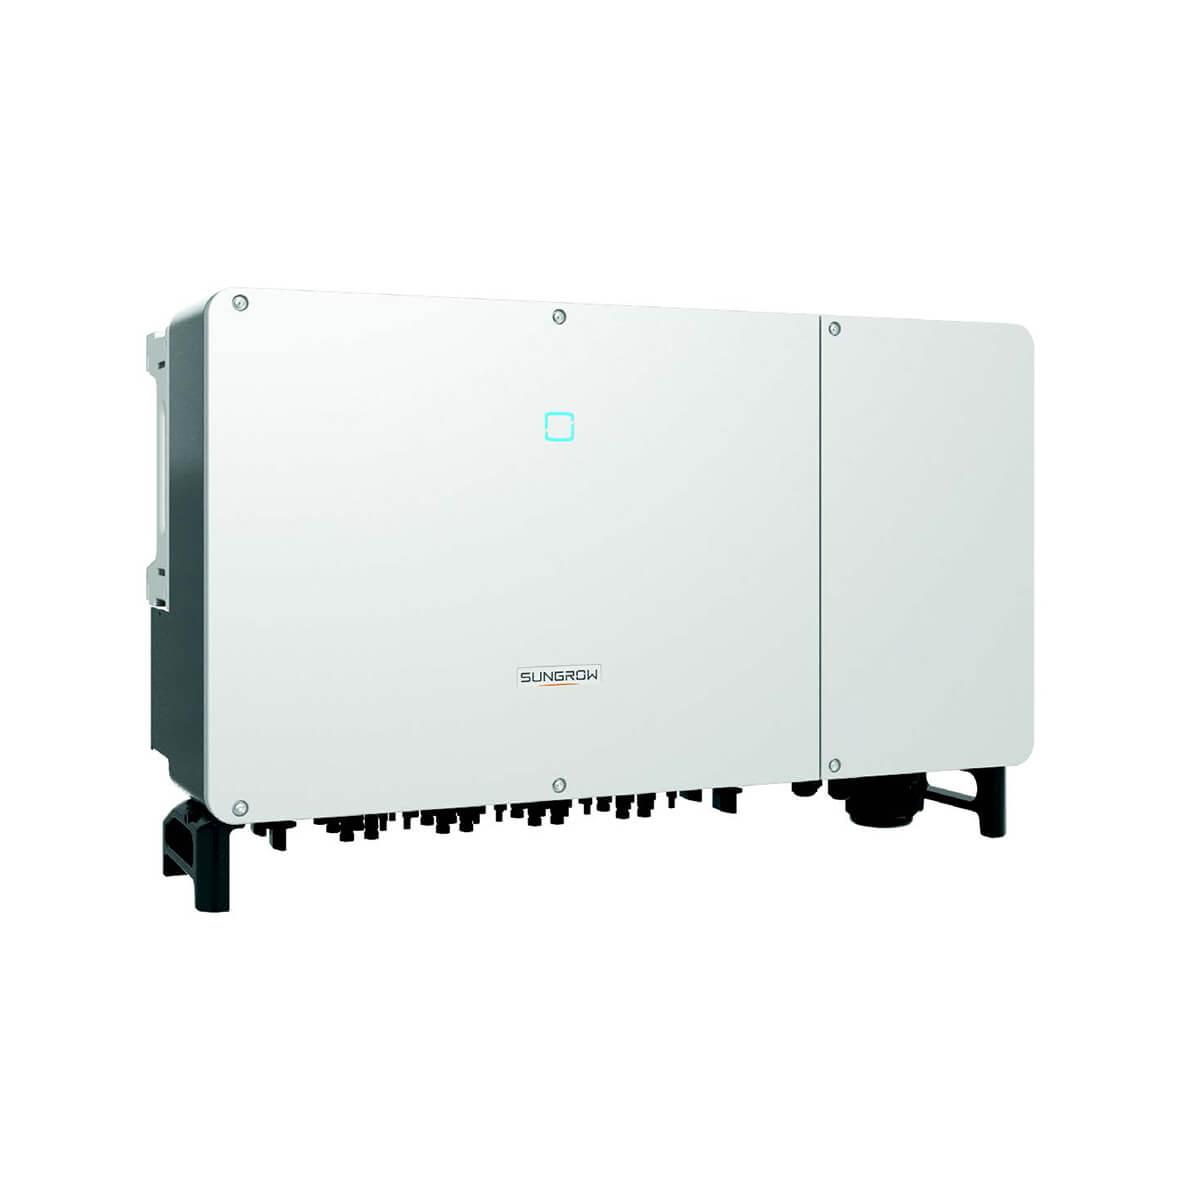 sungrow 250kW inverter, sungrow sg250hx 250kW inverter, sungrow sg250hx inverter, sungrow sg250hx, sungrow sg250hx 250 kW, SUNGROW 250 KW